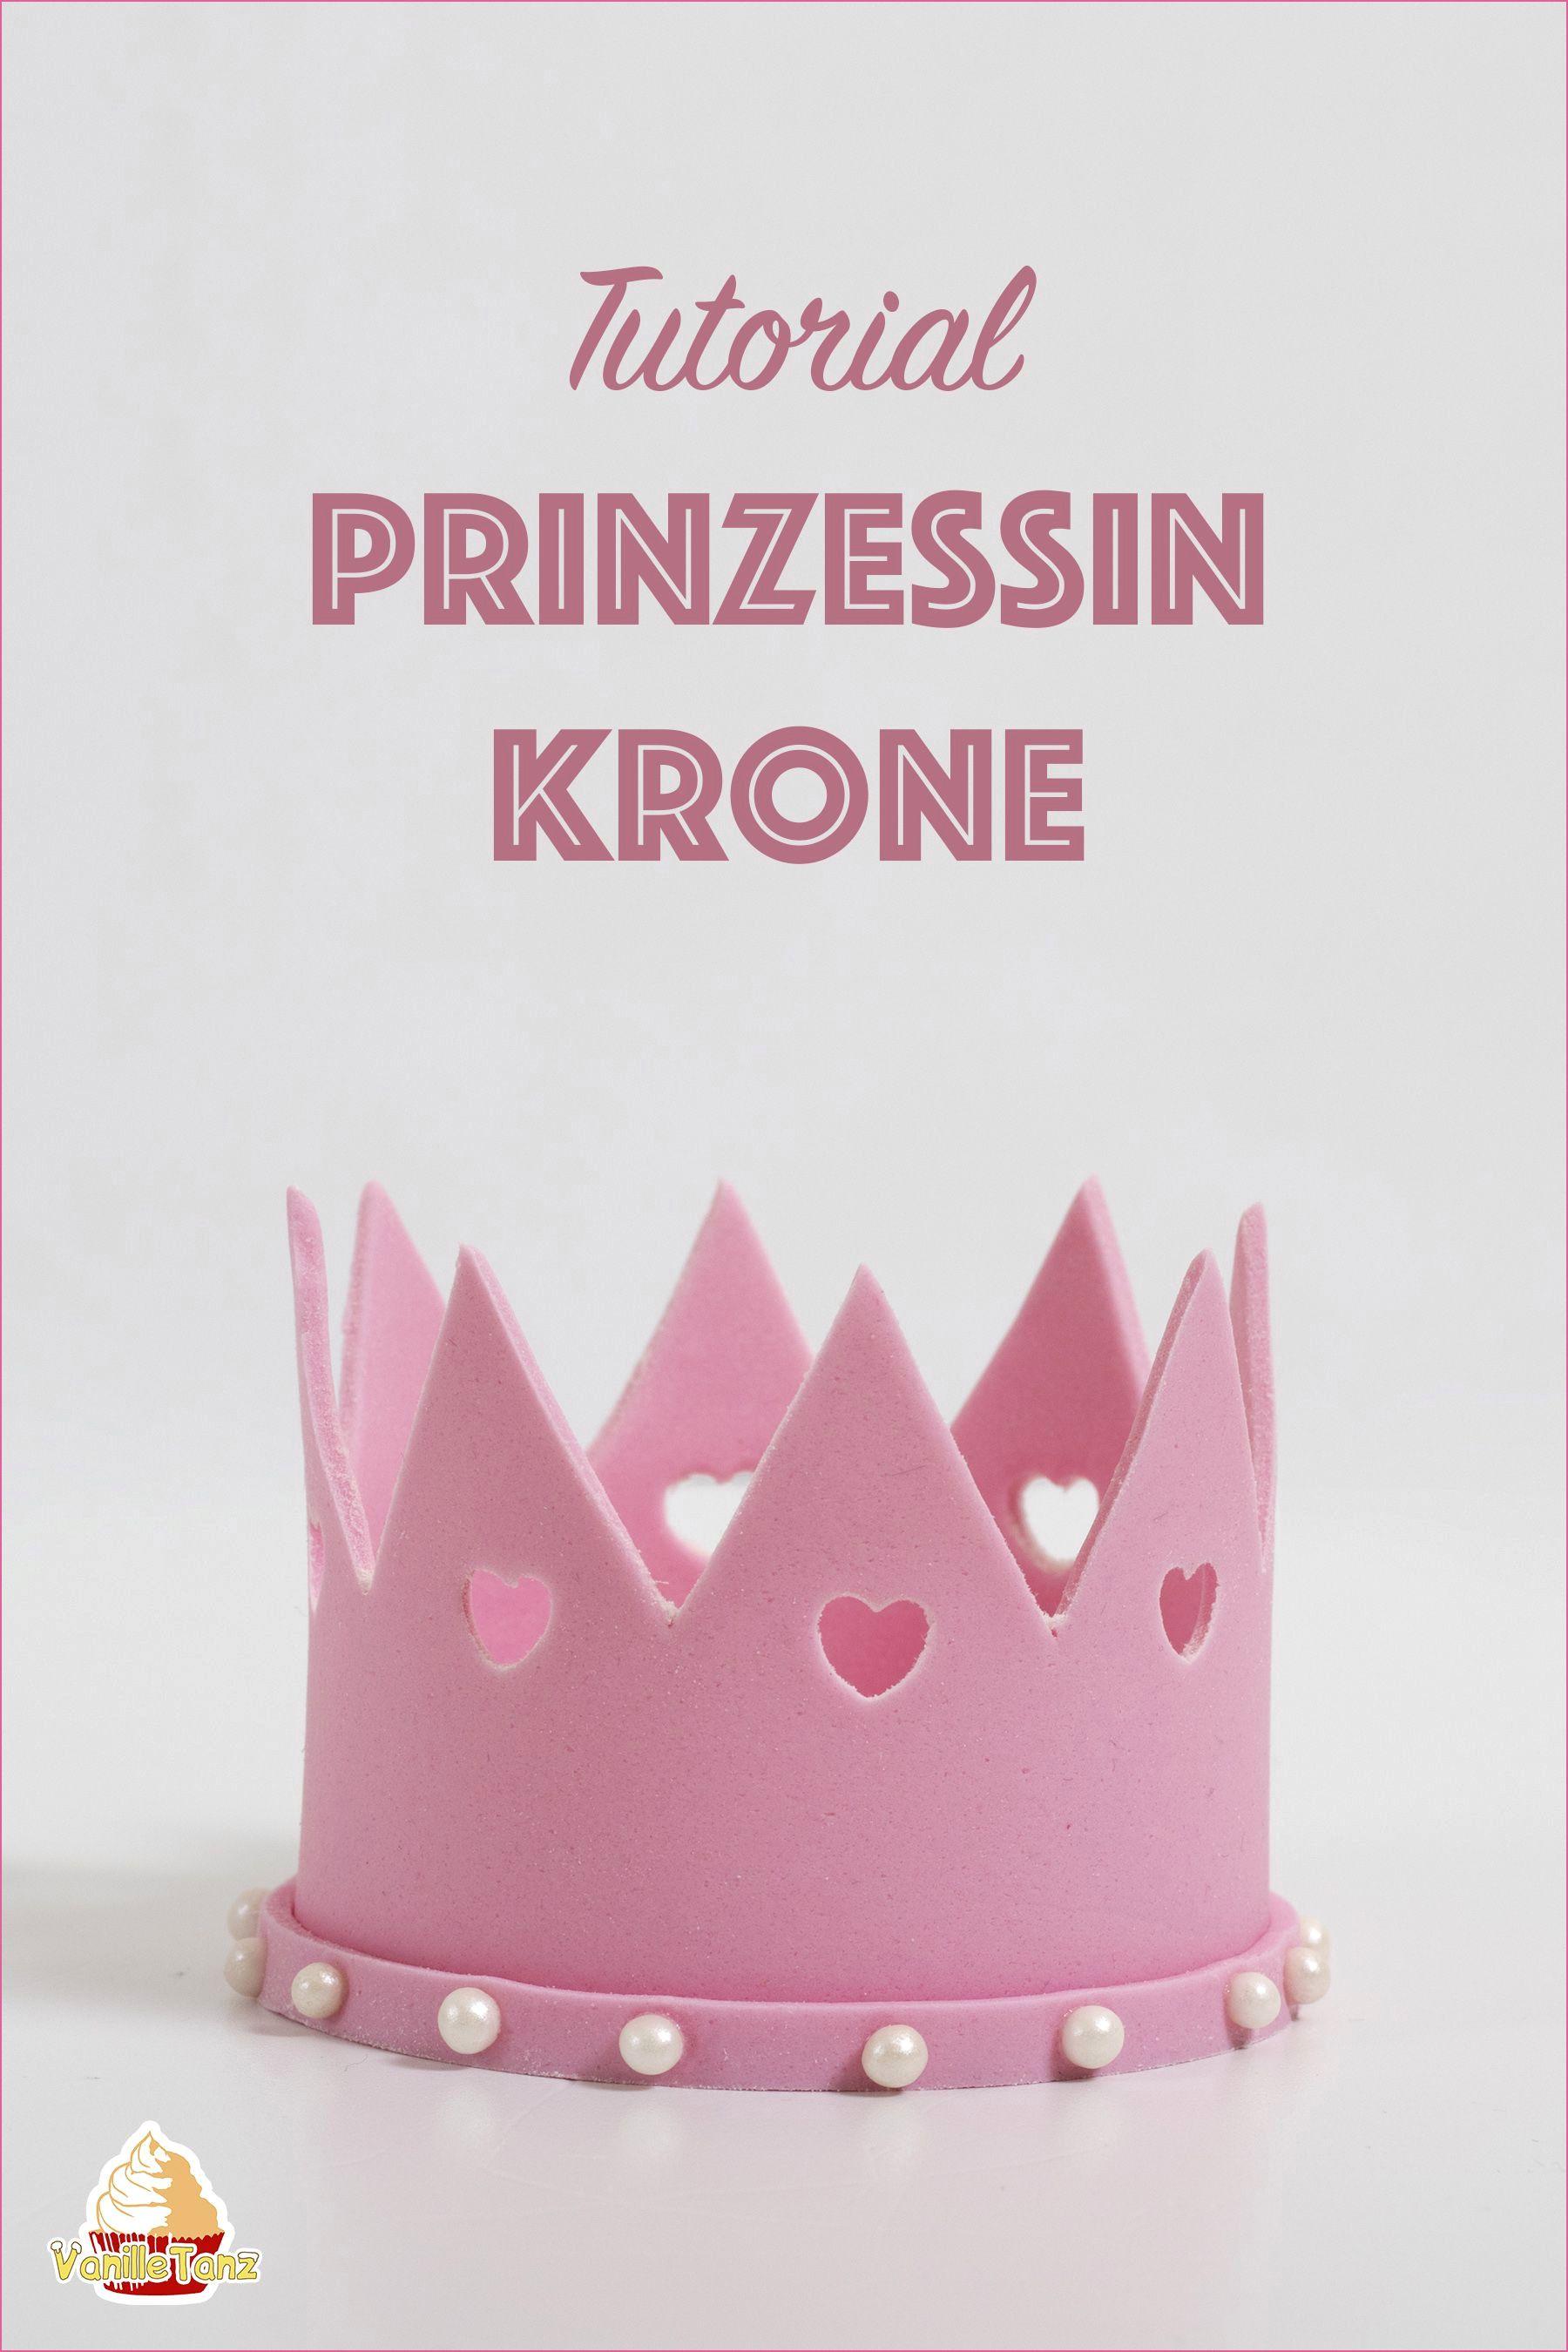 Krone Basteln Vorlage Ausdrucken In 2020 Prinzessin Krone Fondant Krone Anleitung Krone Basteln